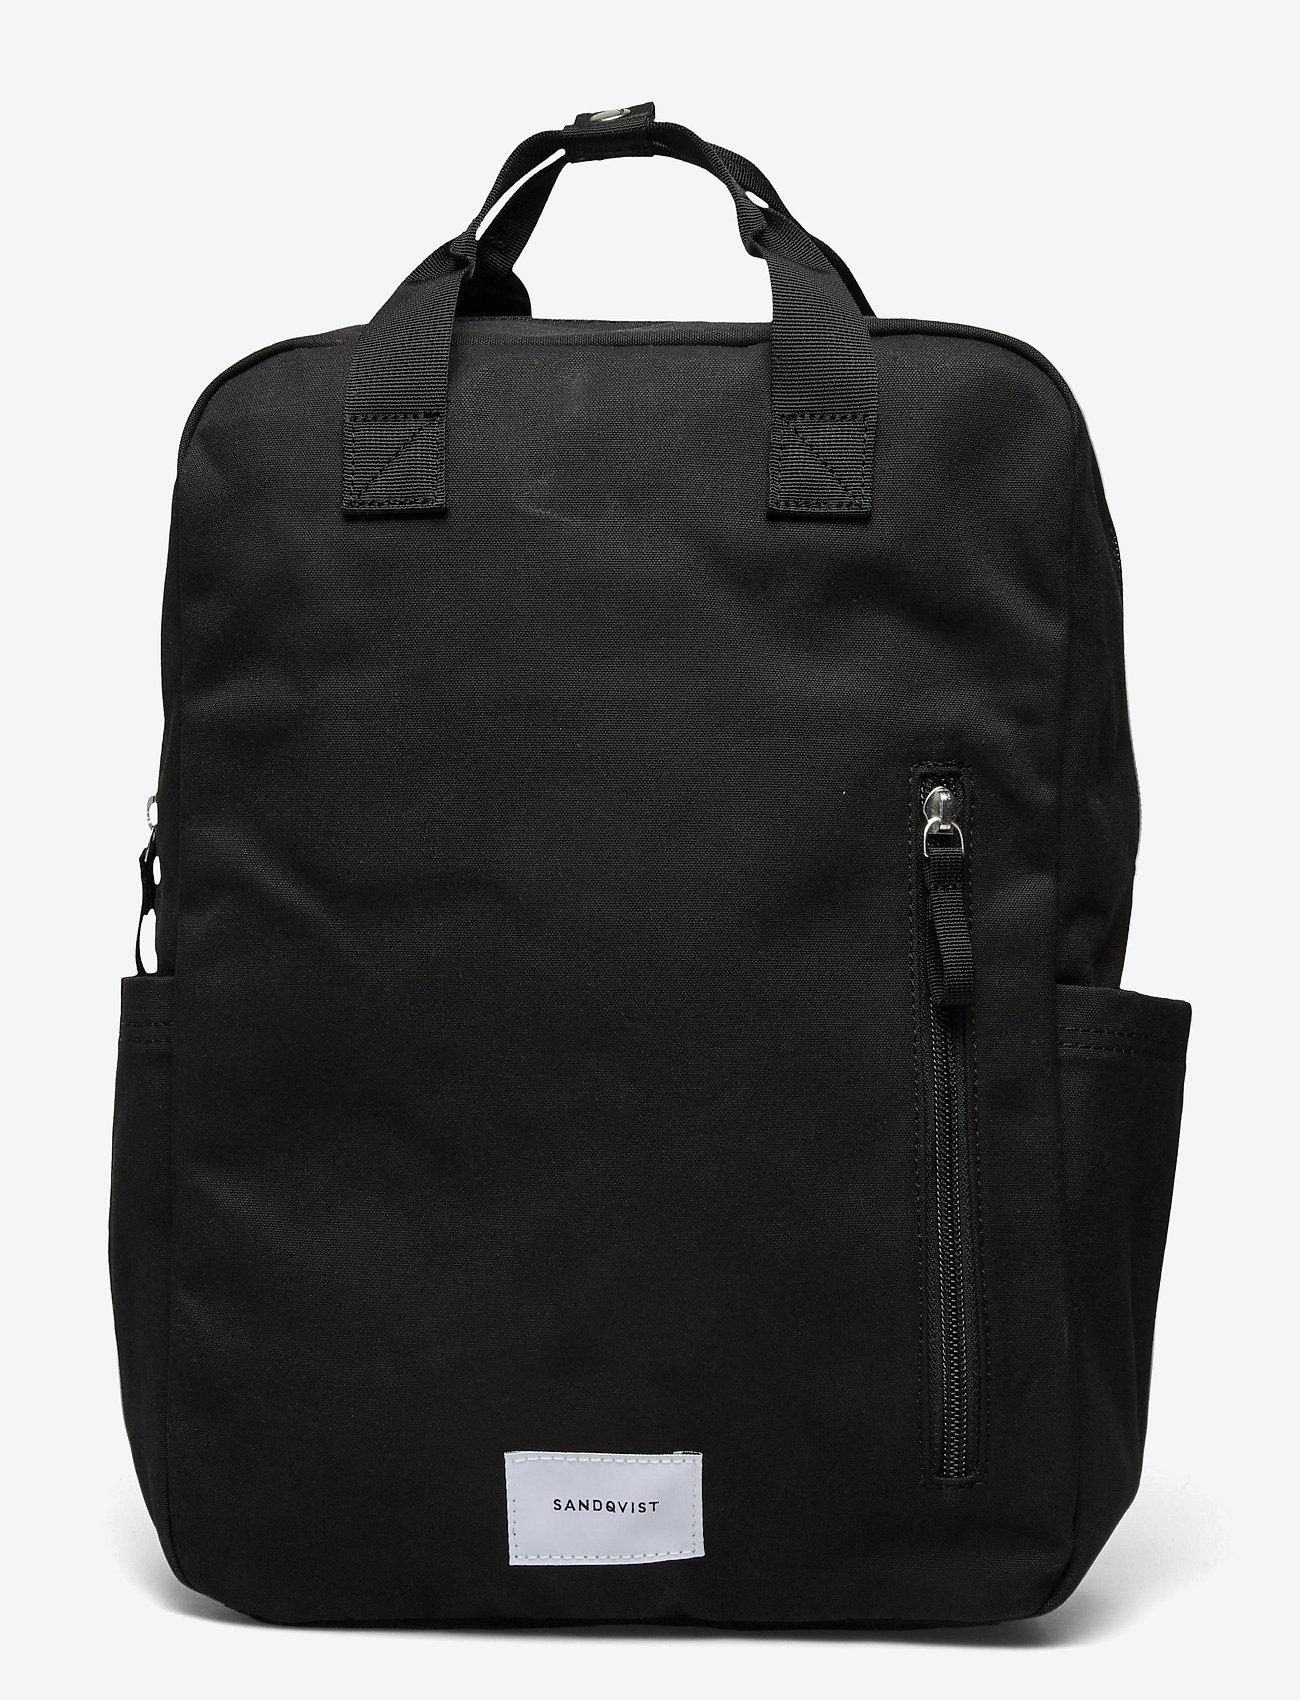 SANDQVIST - KNUT - tassen - black with black webbing - 1